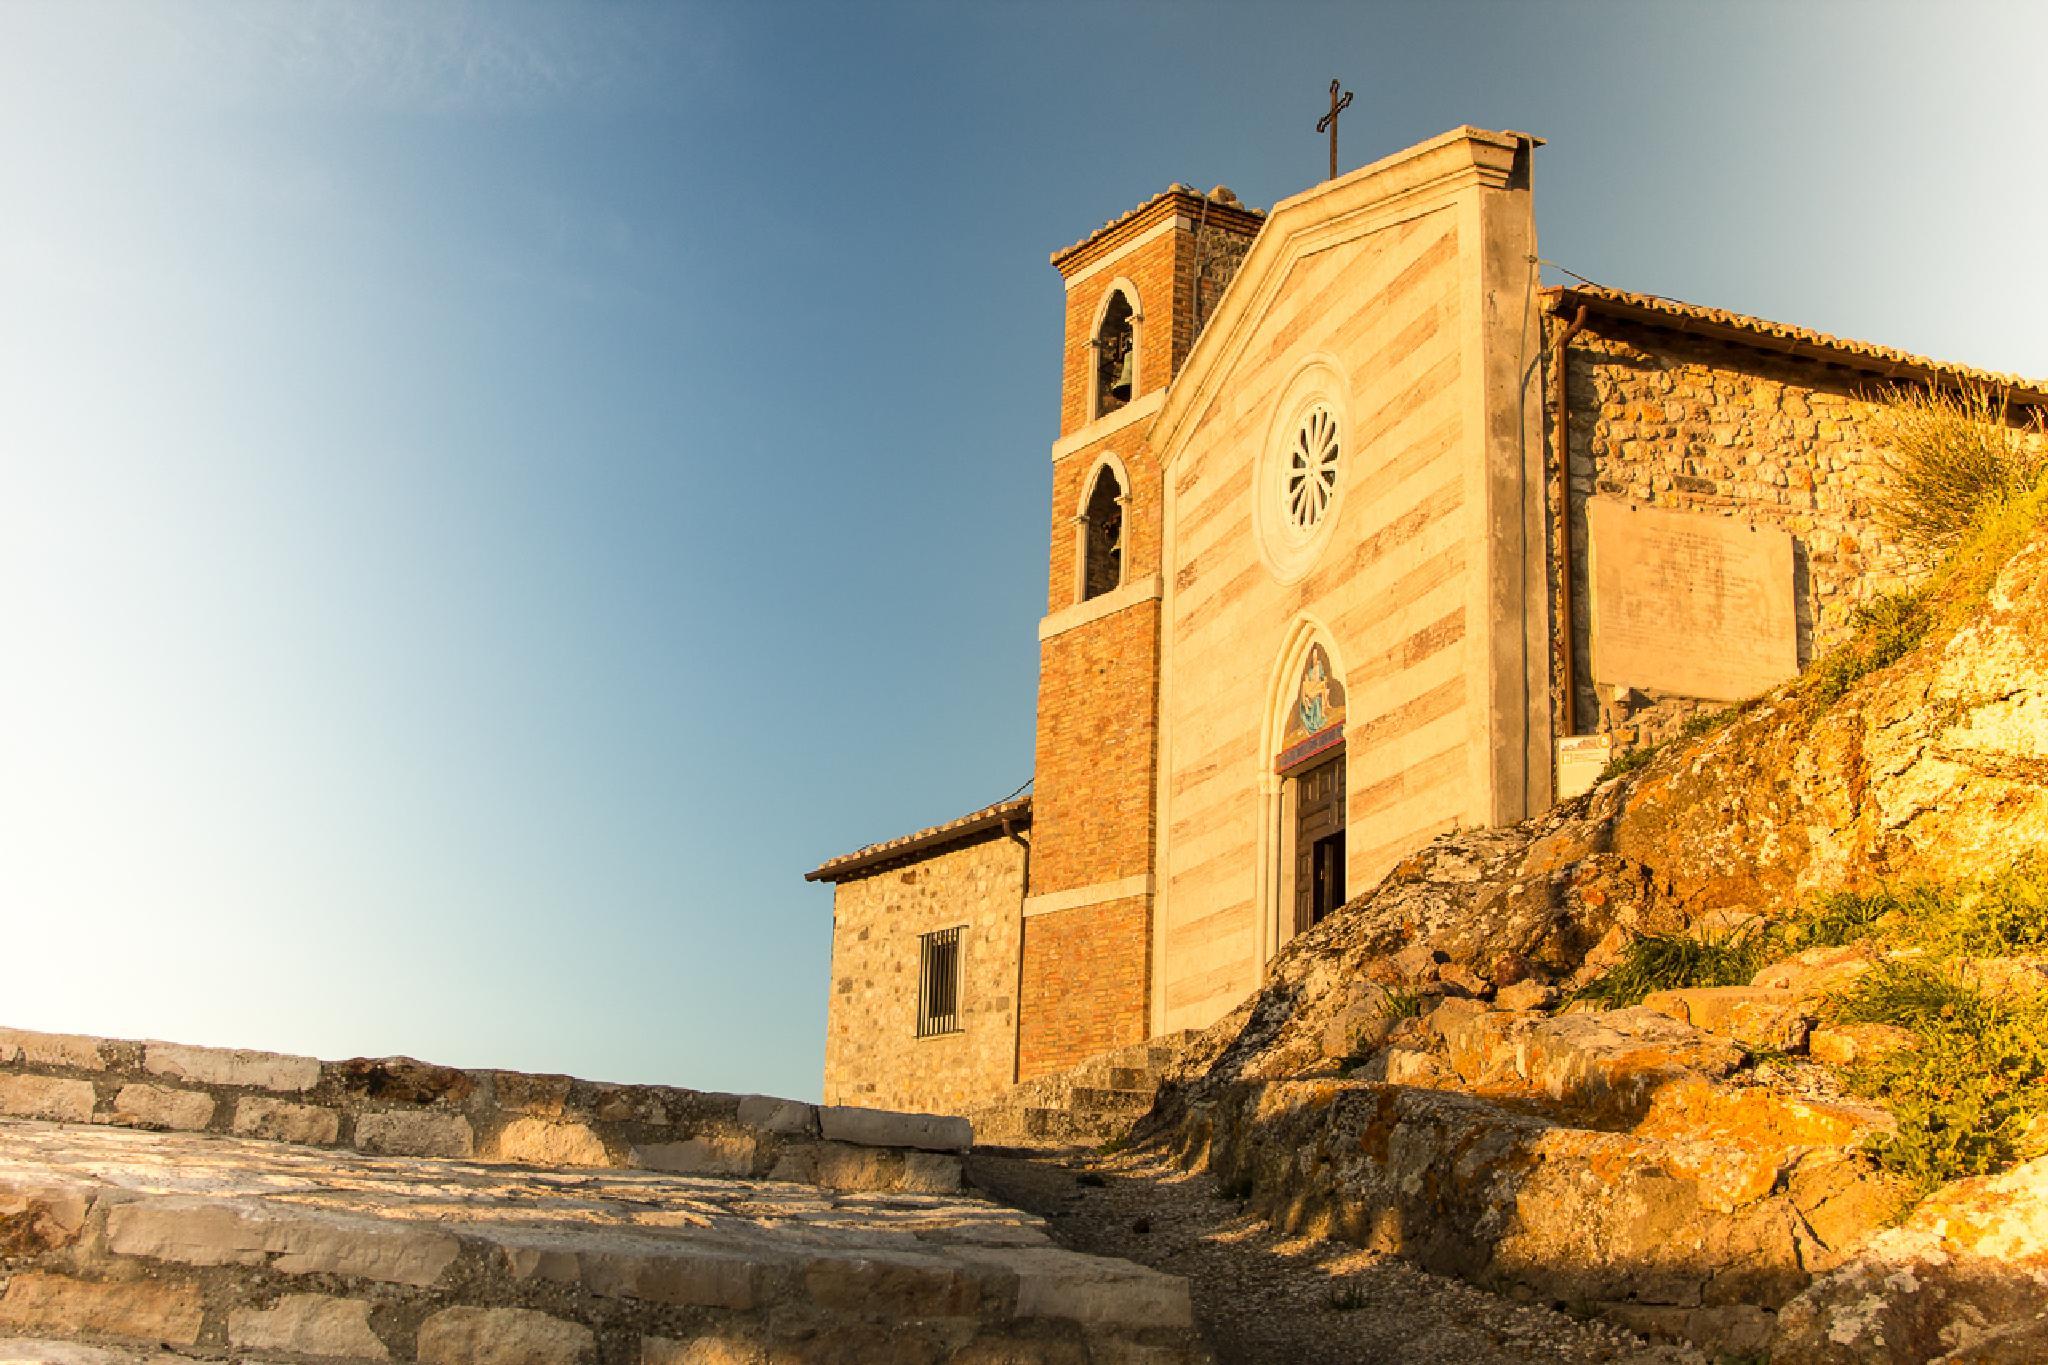 Photo in Architecture #tolfa #ancient #architecture #cityscape #cityscapephotography #history #landscape #paesaggio